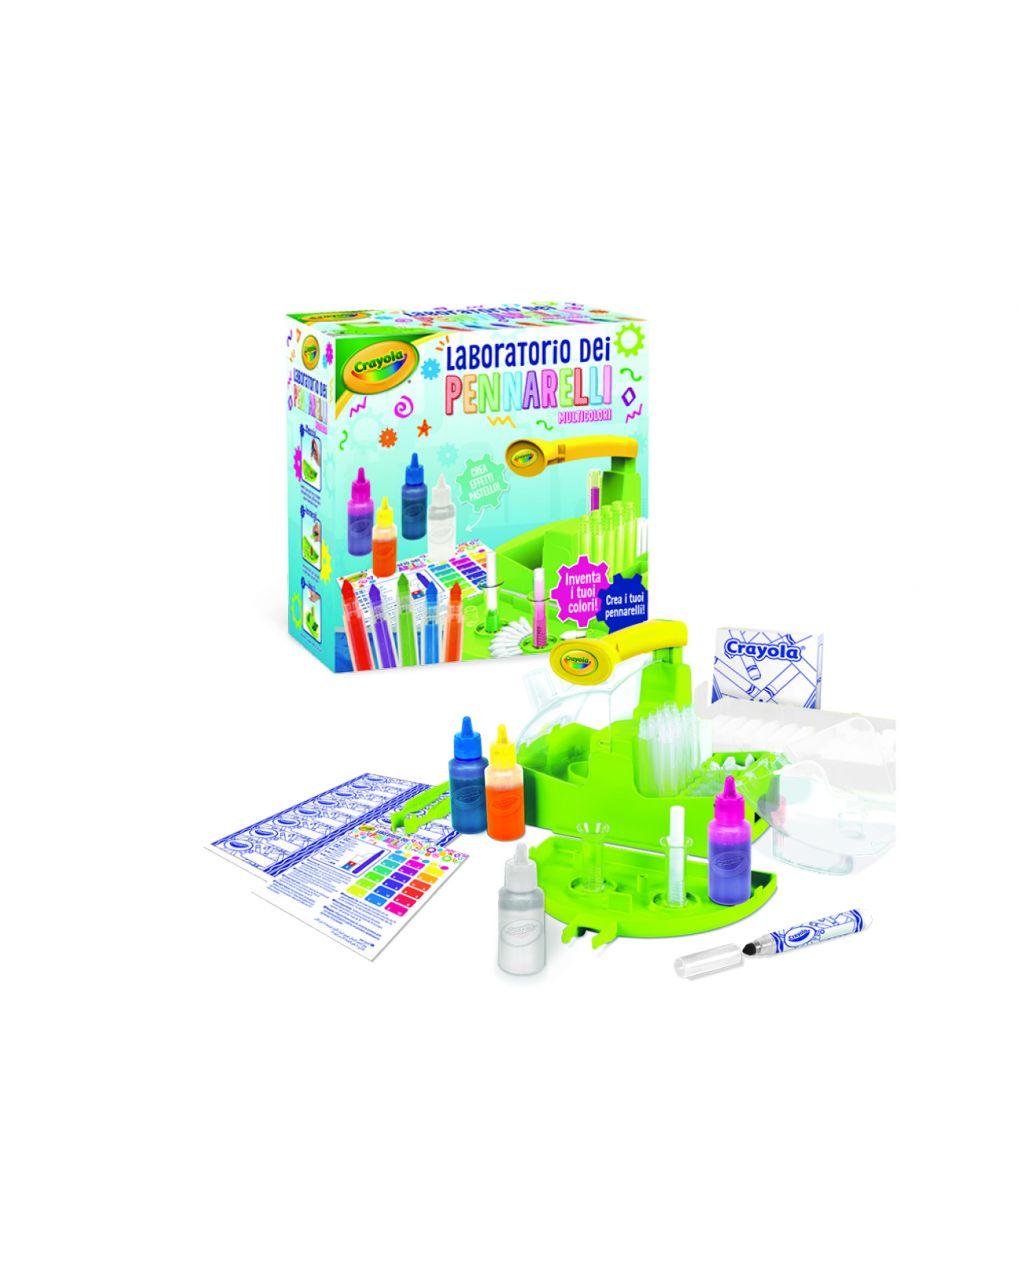 Crayola - laboratorio dei pennarelli multicolore - Crayola